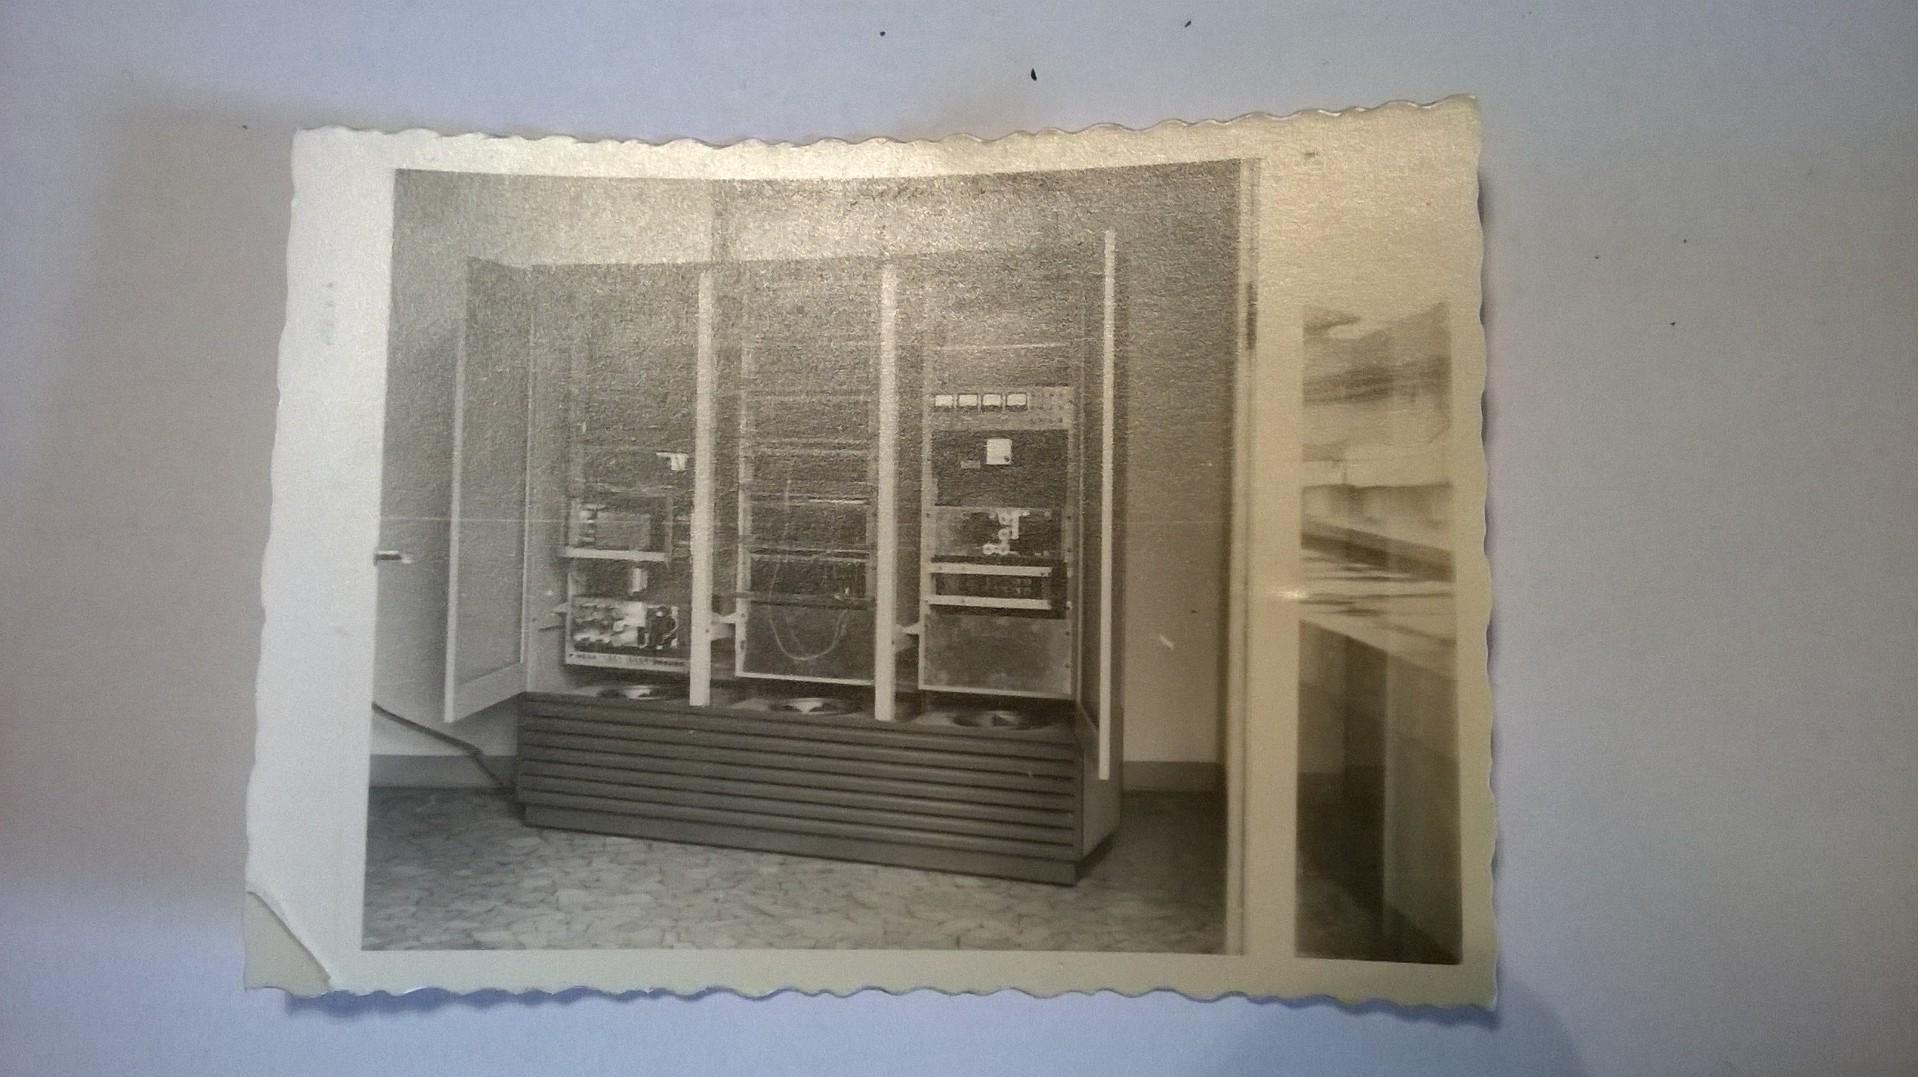 Annunciato il restauro del Museo Didattico di Storia dell'Informatica FMACU-UNESCO!